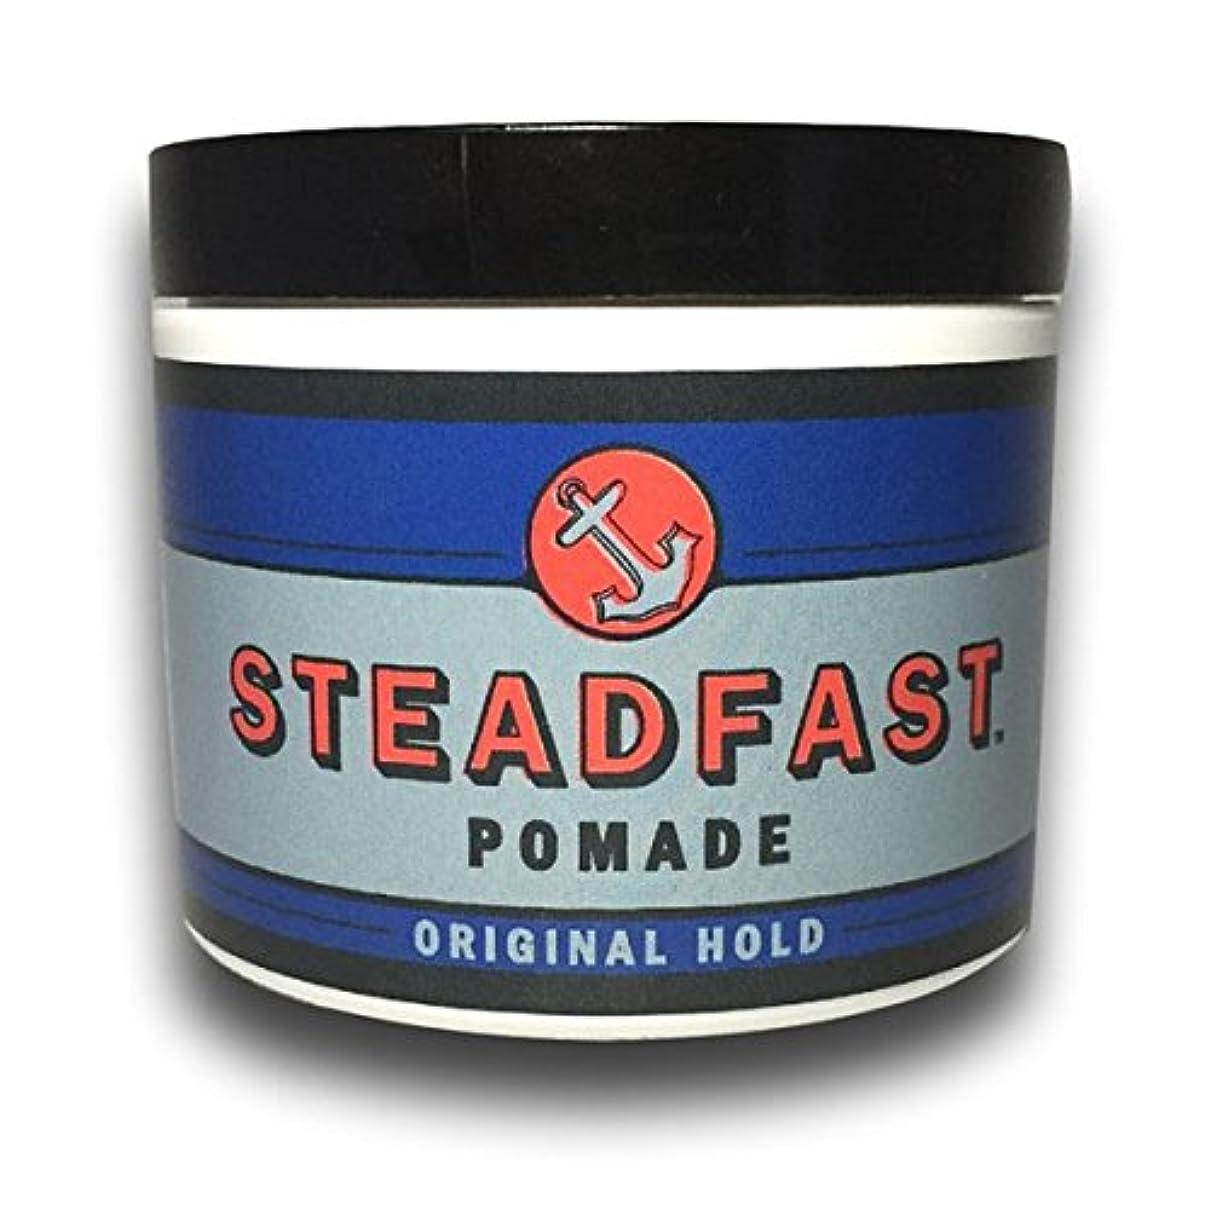 それぞれドナー違う【Steadfast Pomade】 ステッドファスト ポマード 【Original Hold】 水性ポマード オリジナルホールド 4oz(113.39g) MADE IN U.S.A